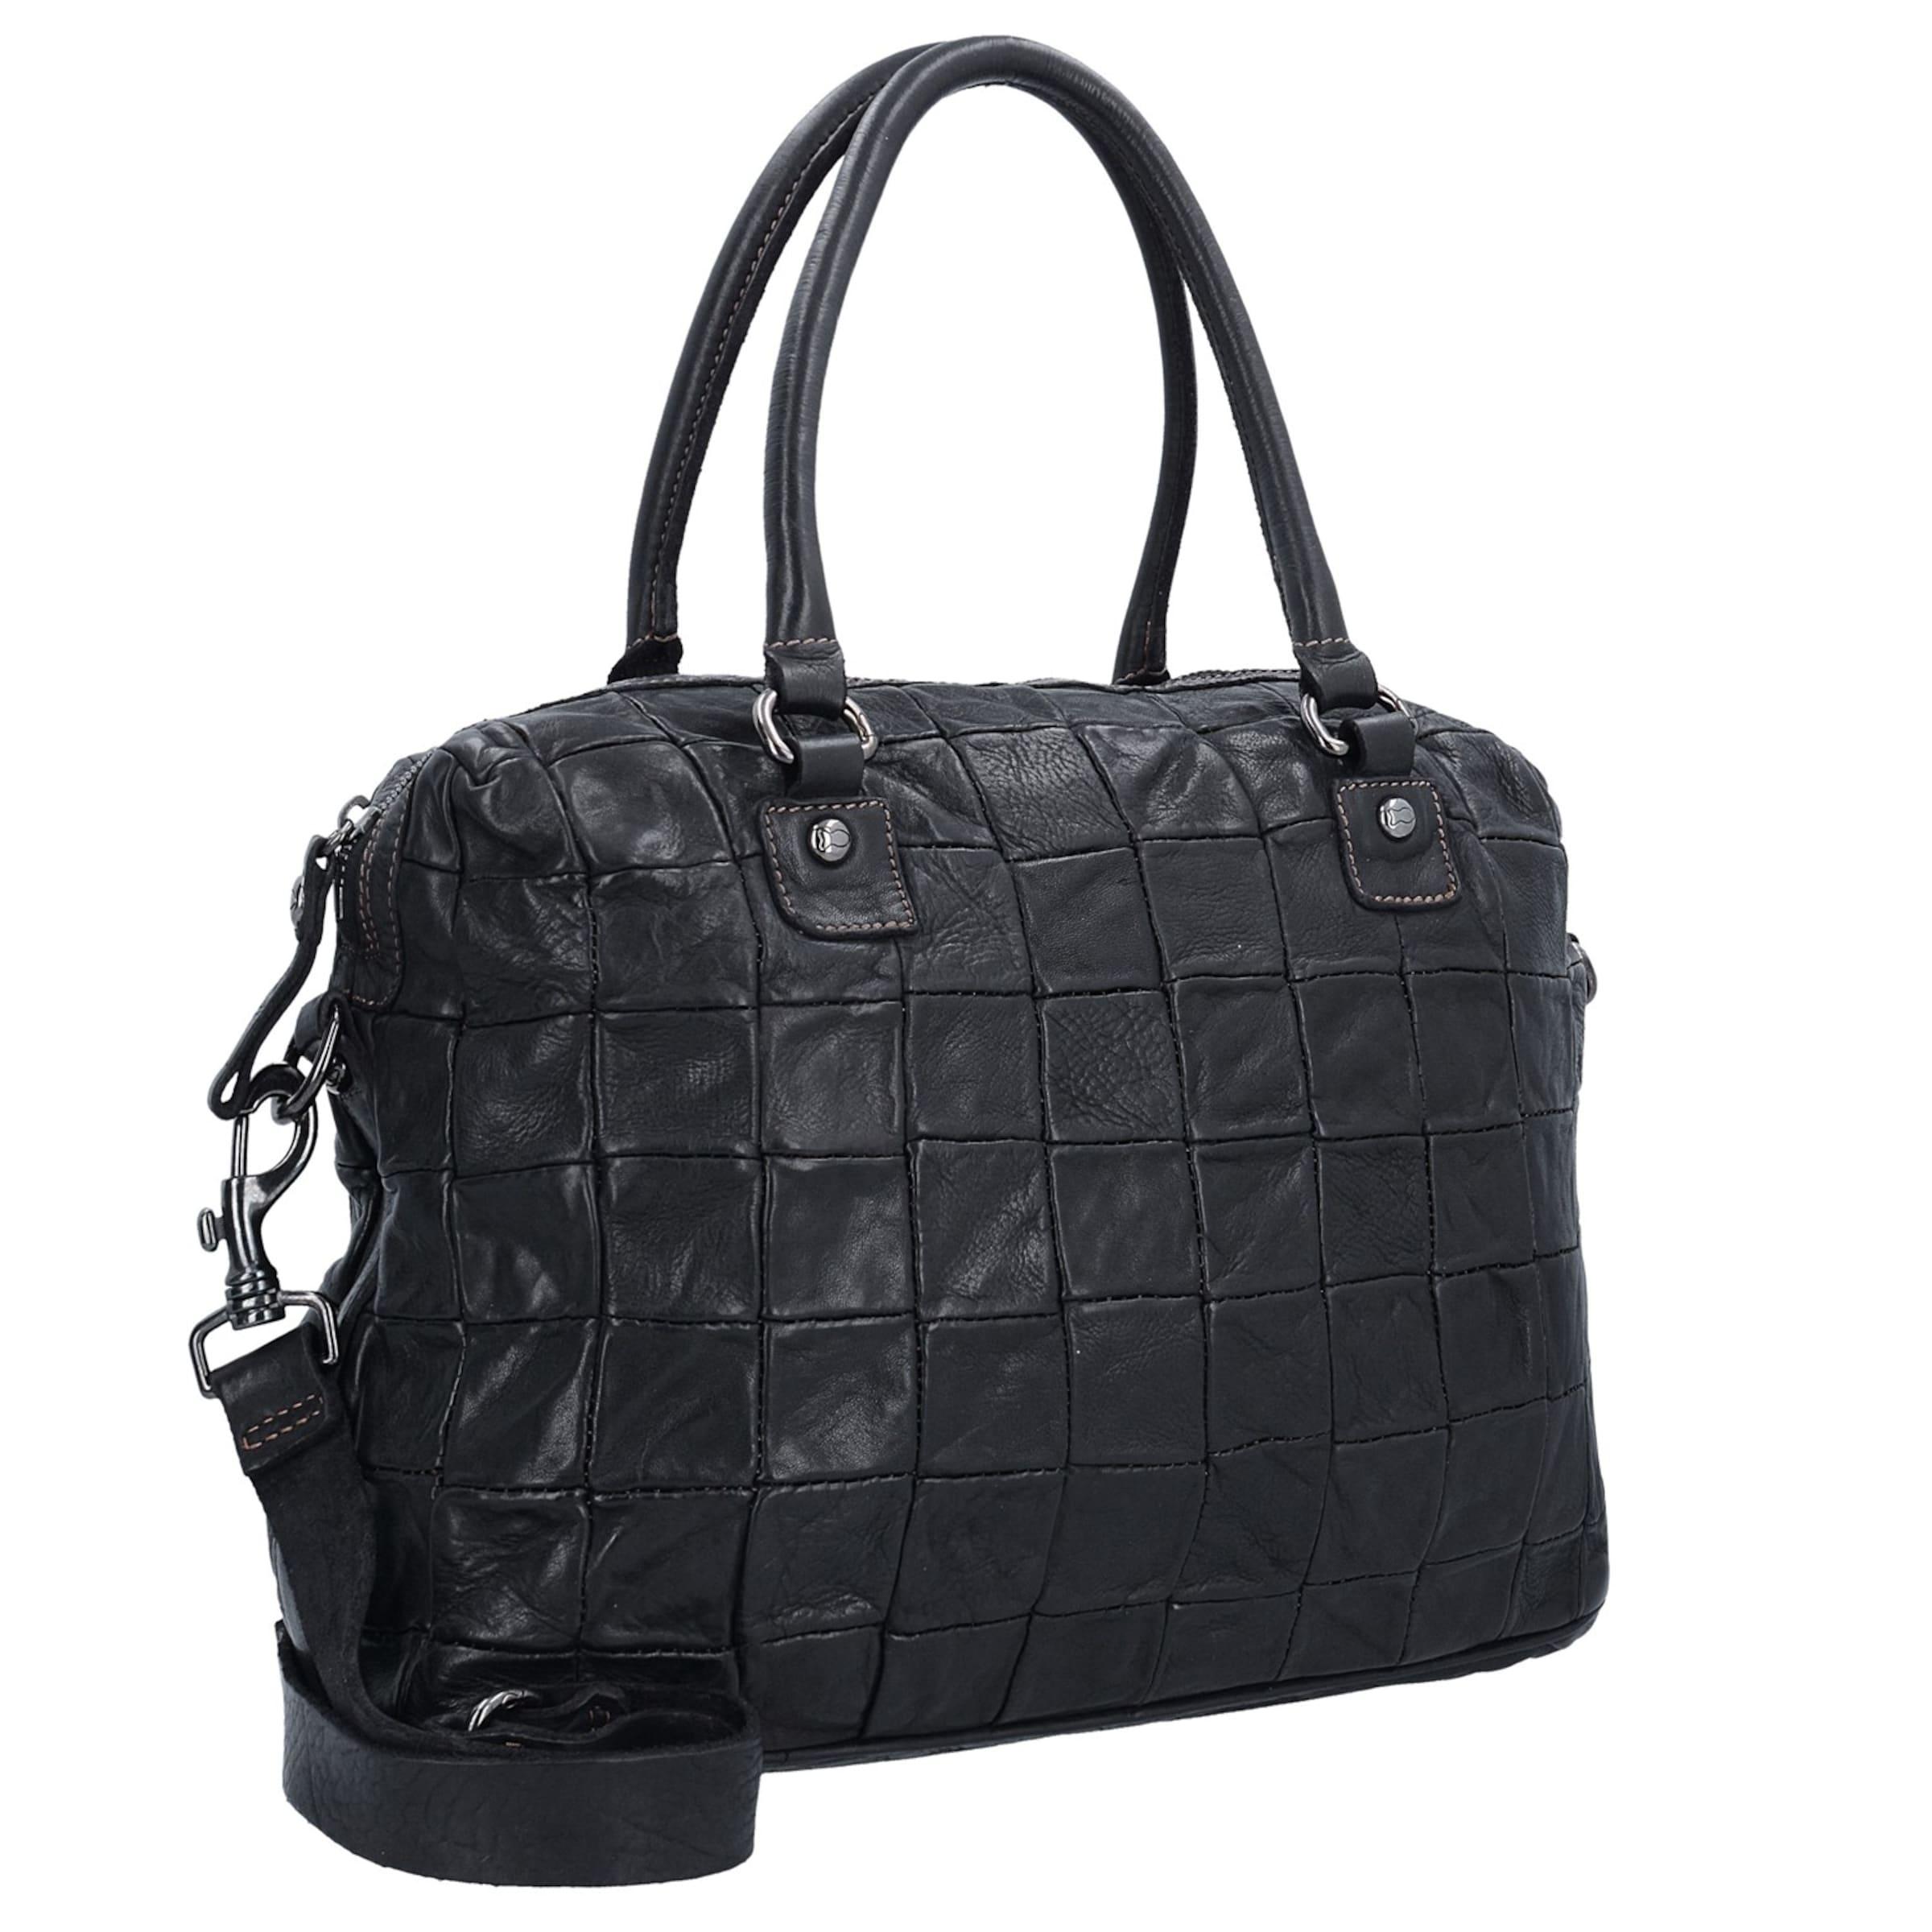 Günstig Kaufen Brandneue Unisex Campomaggi Centella Handtasche Leder 40cm Verkauf Beliebt Verkauf Fälschung Online-Shop 2rPGMTYg